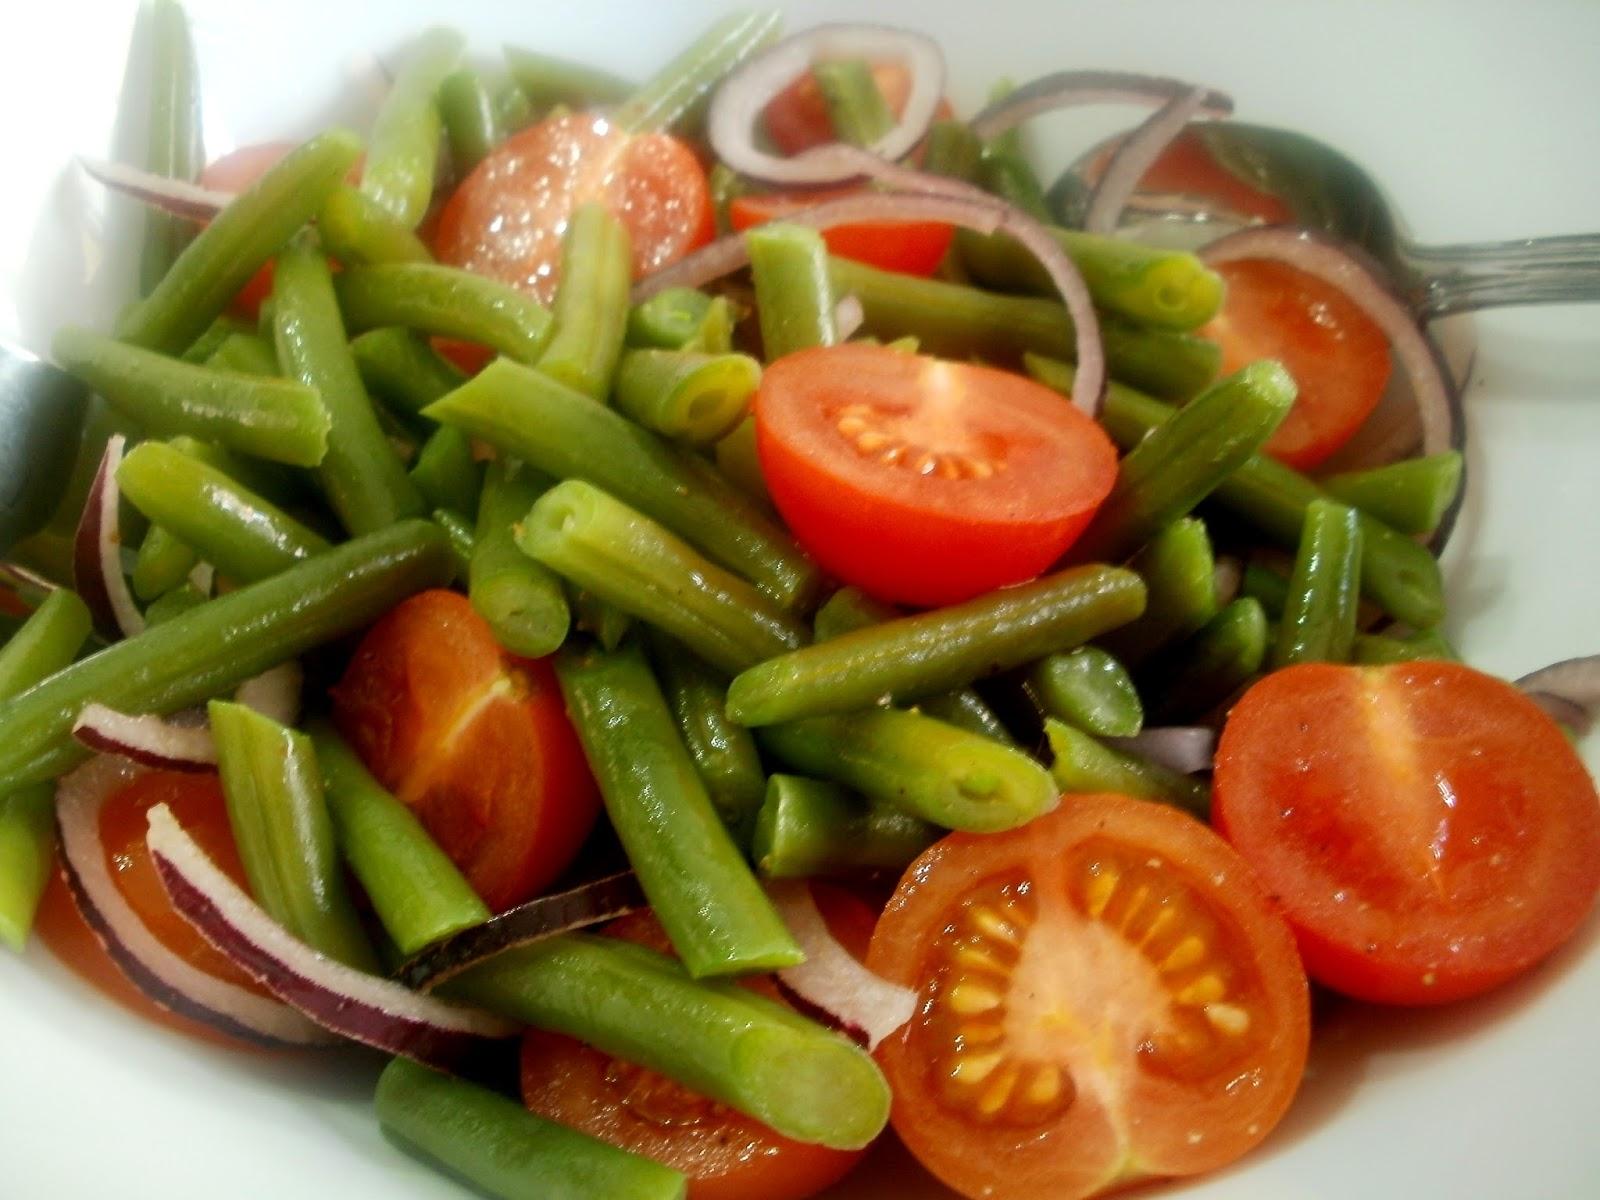 Ensaladas de habichuelas verdes